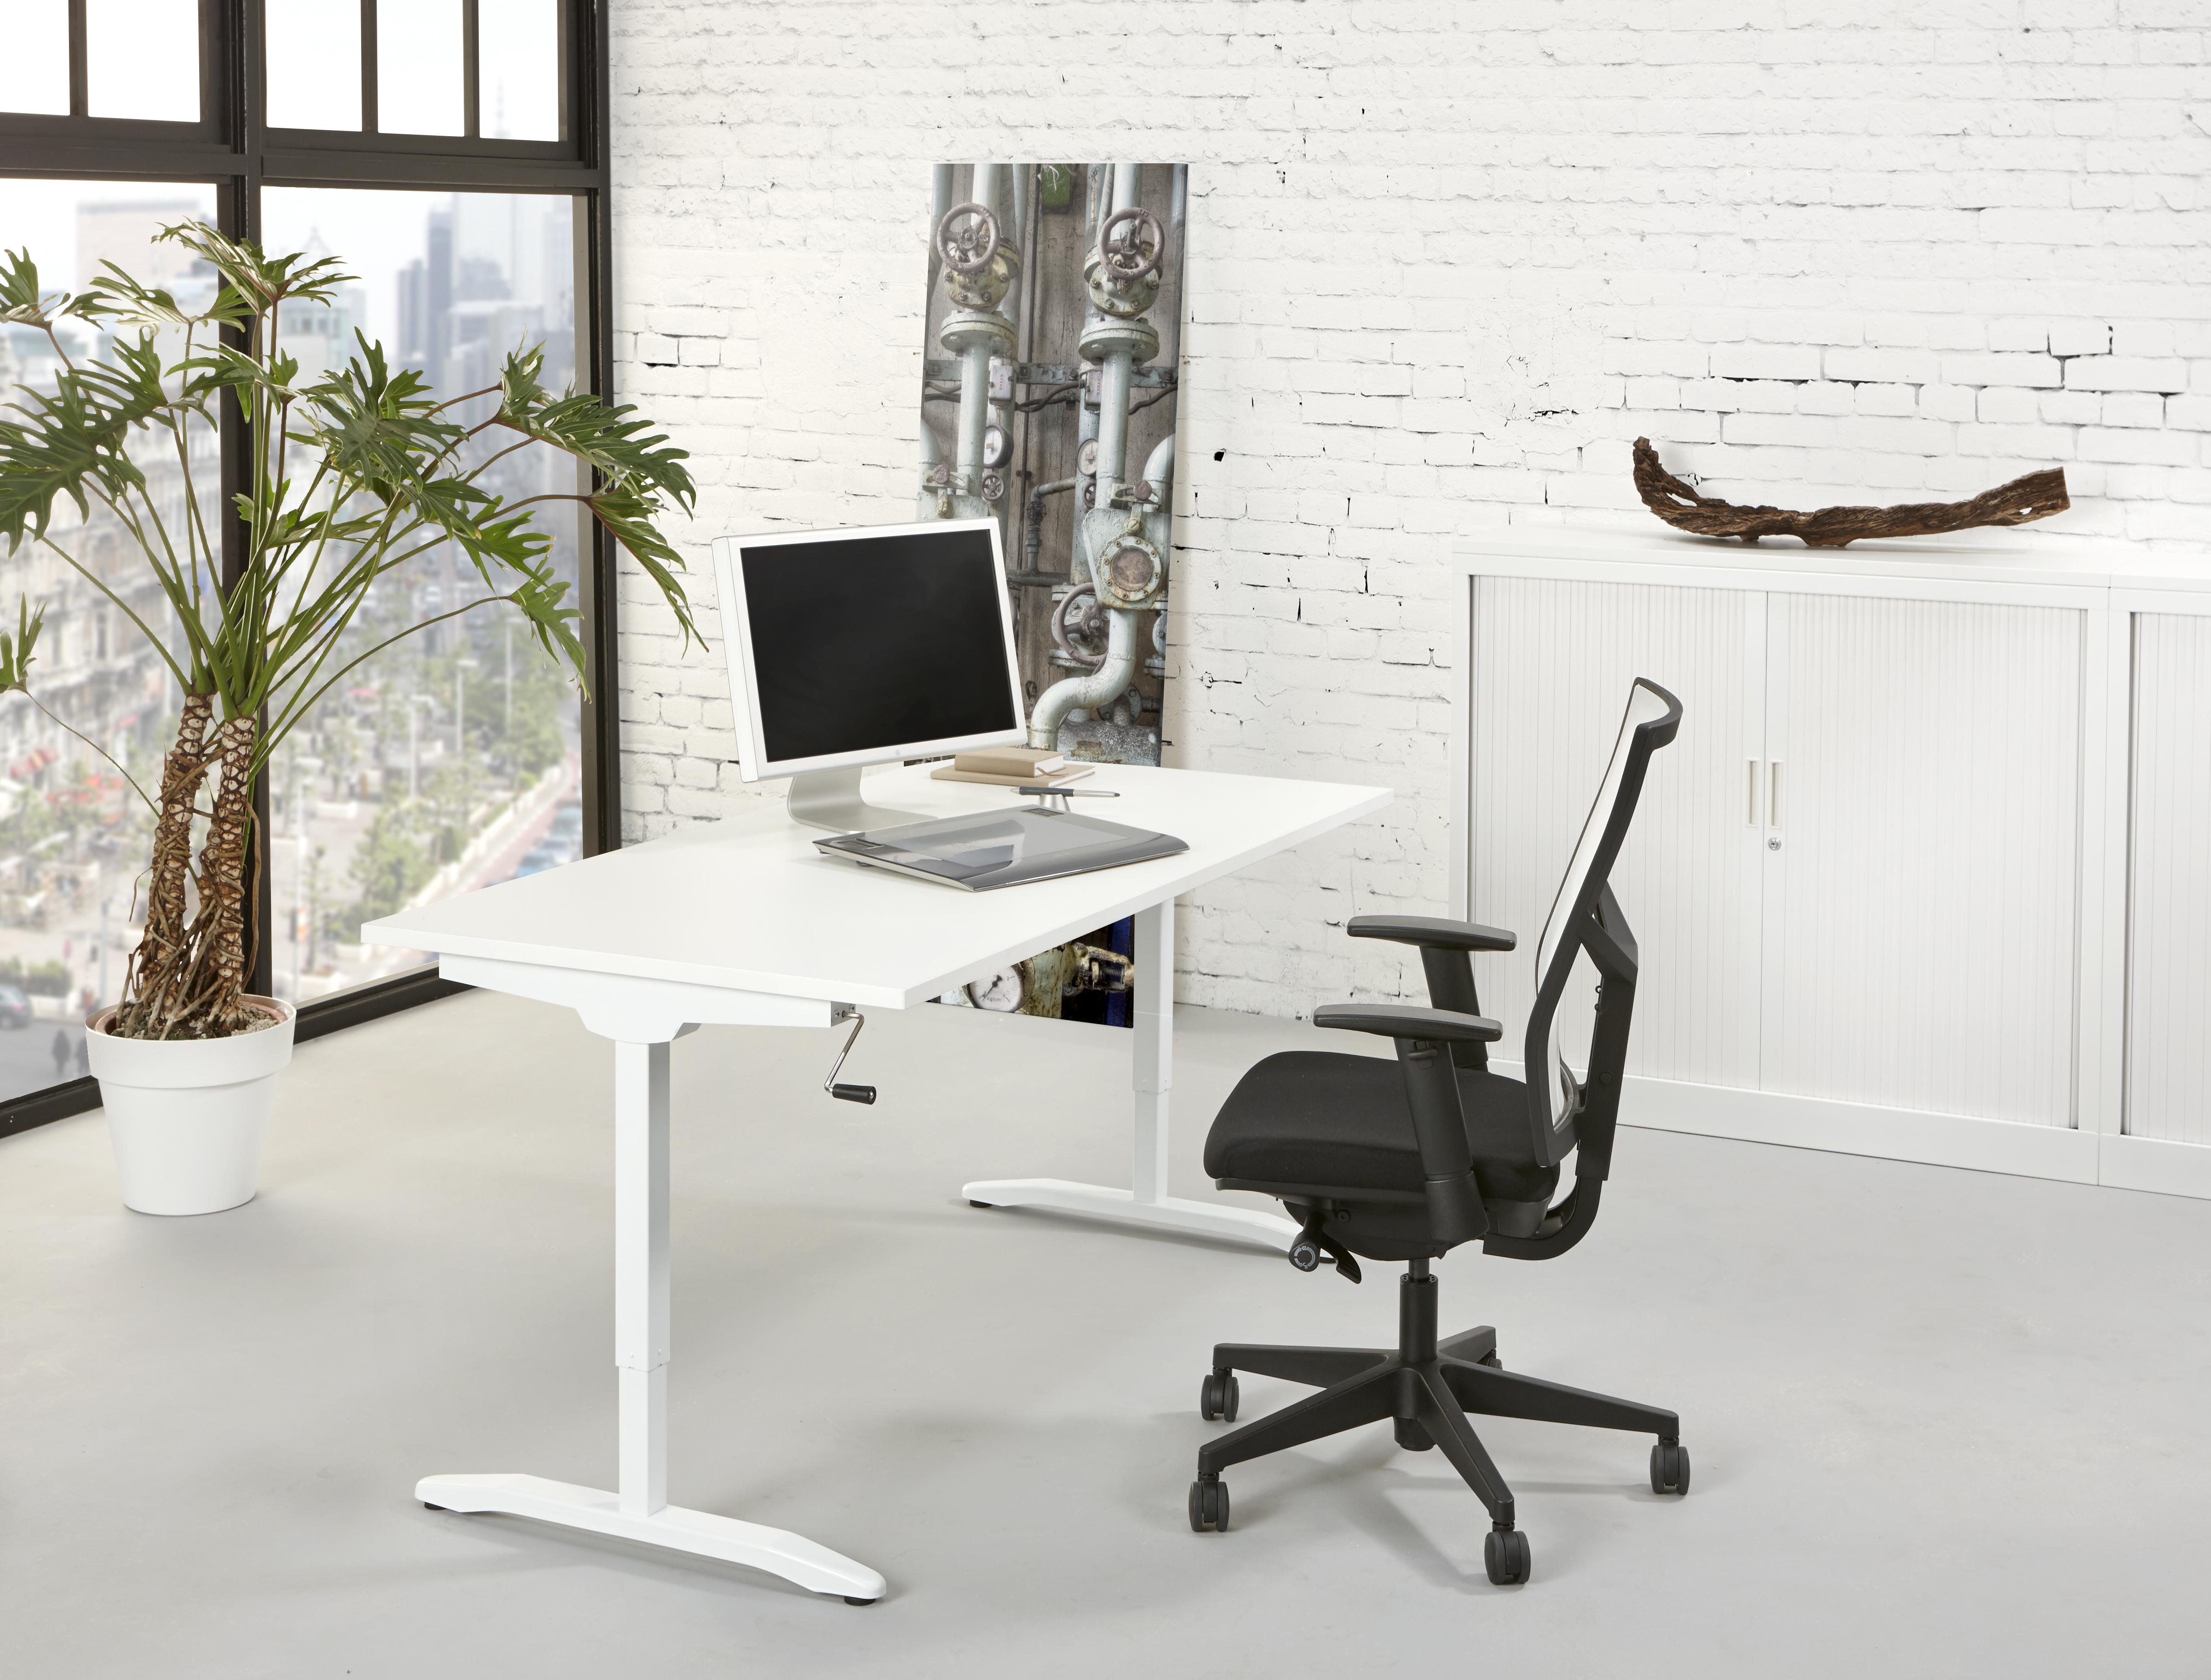 bureau slinger 140x80cm wit. Black Bedroom Furniture Sets. Home Design Ideas